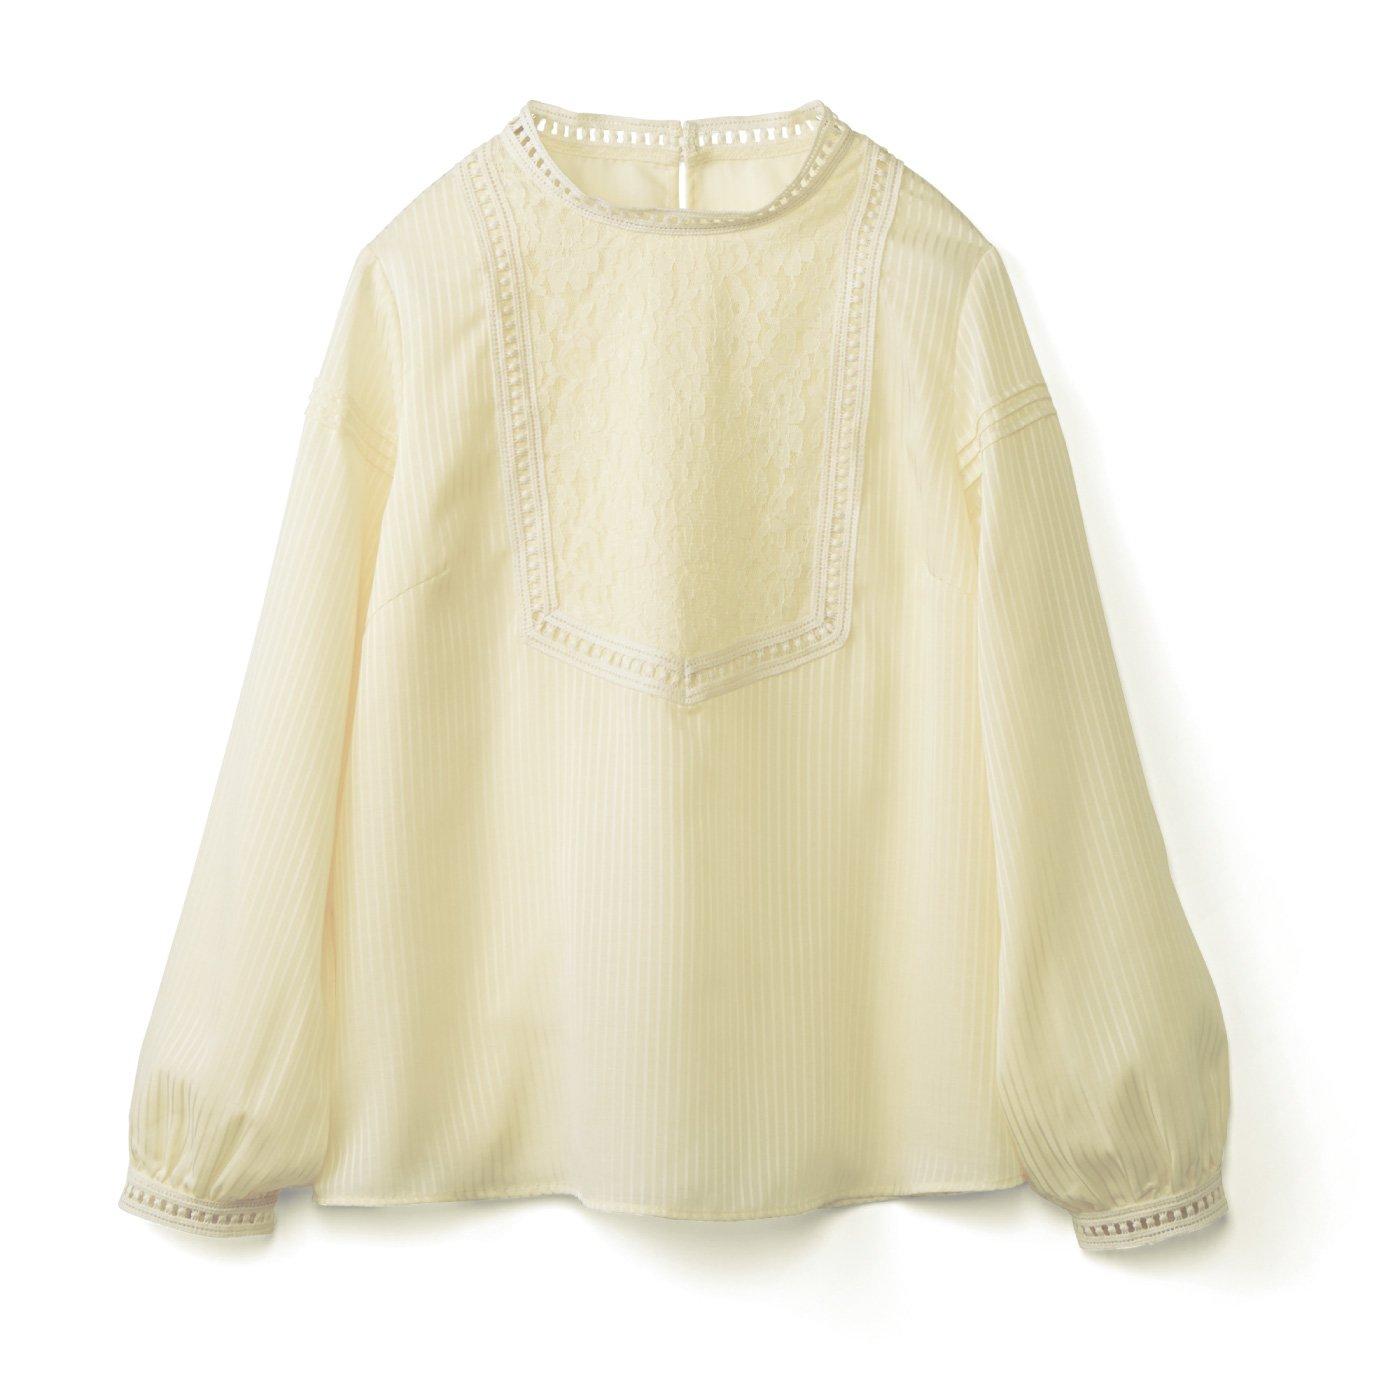 IEDIT[イディット] ストライプの織り柄素材のアンティーク風レース遣いブラウス〈クリーム〉